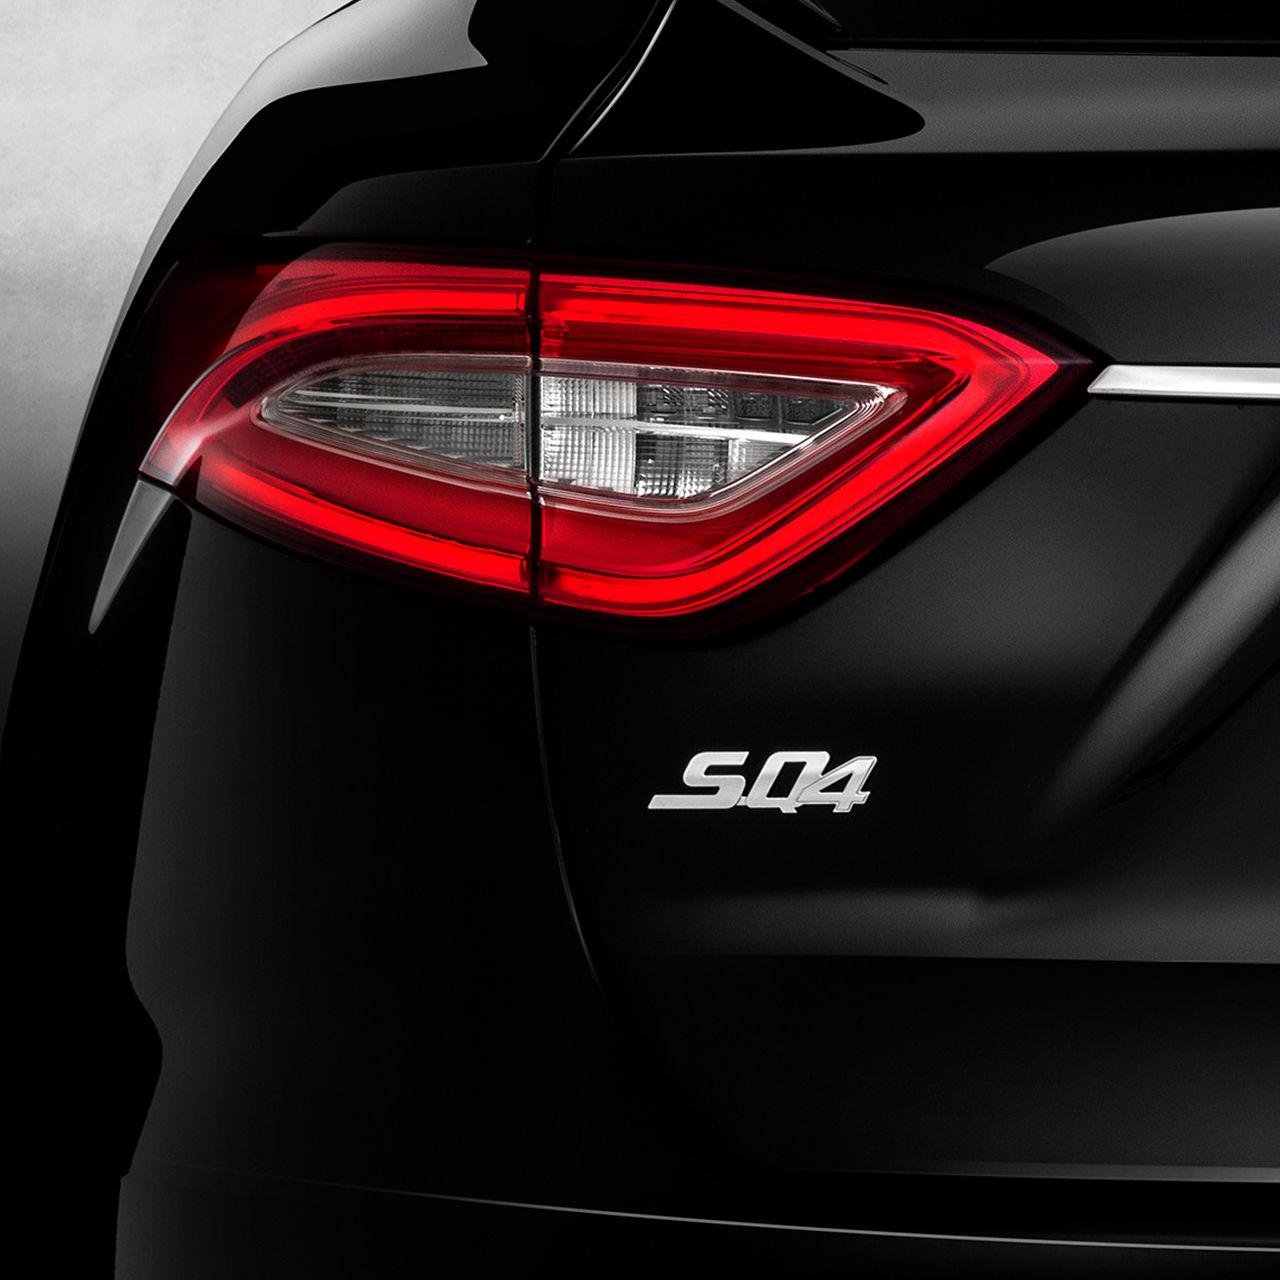 Maserati Q4 Logo unter der Rückleuchte